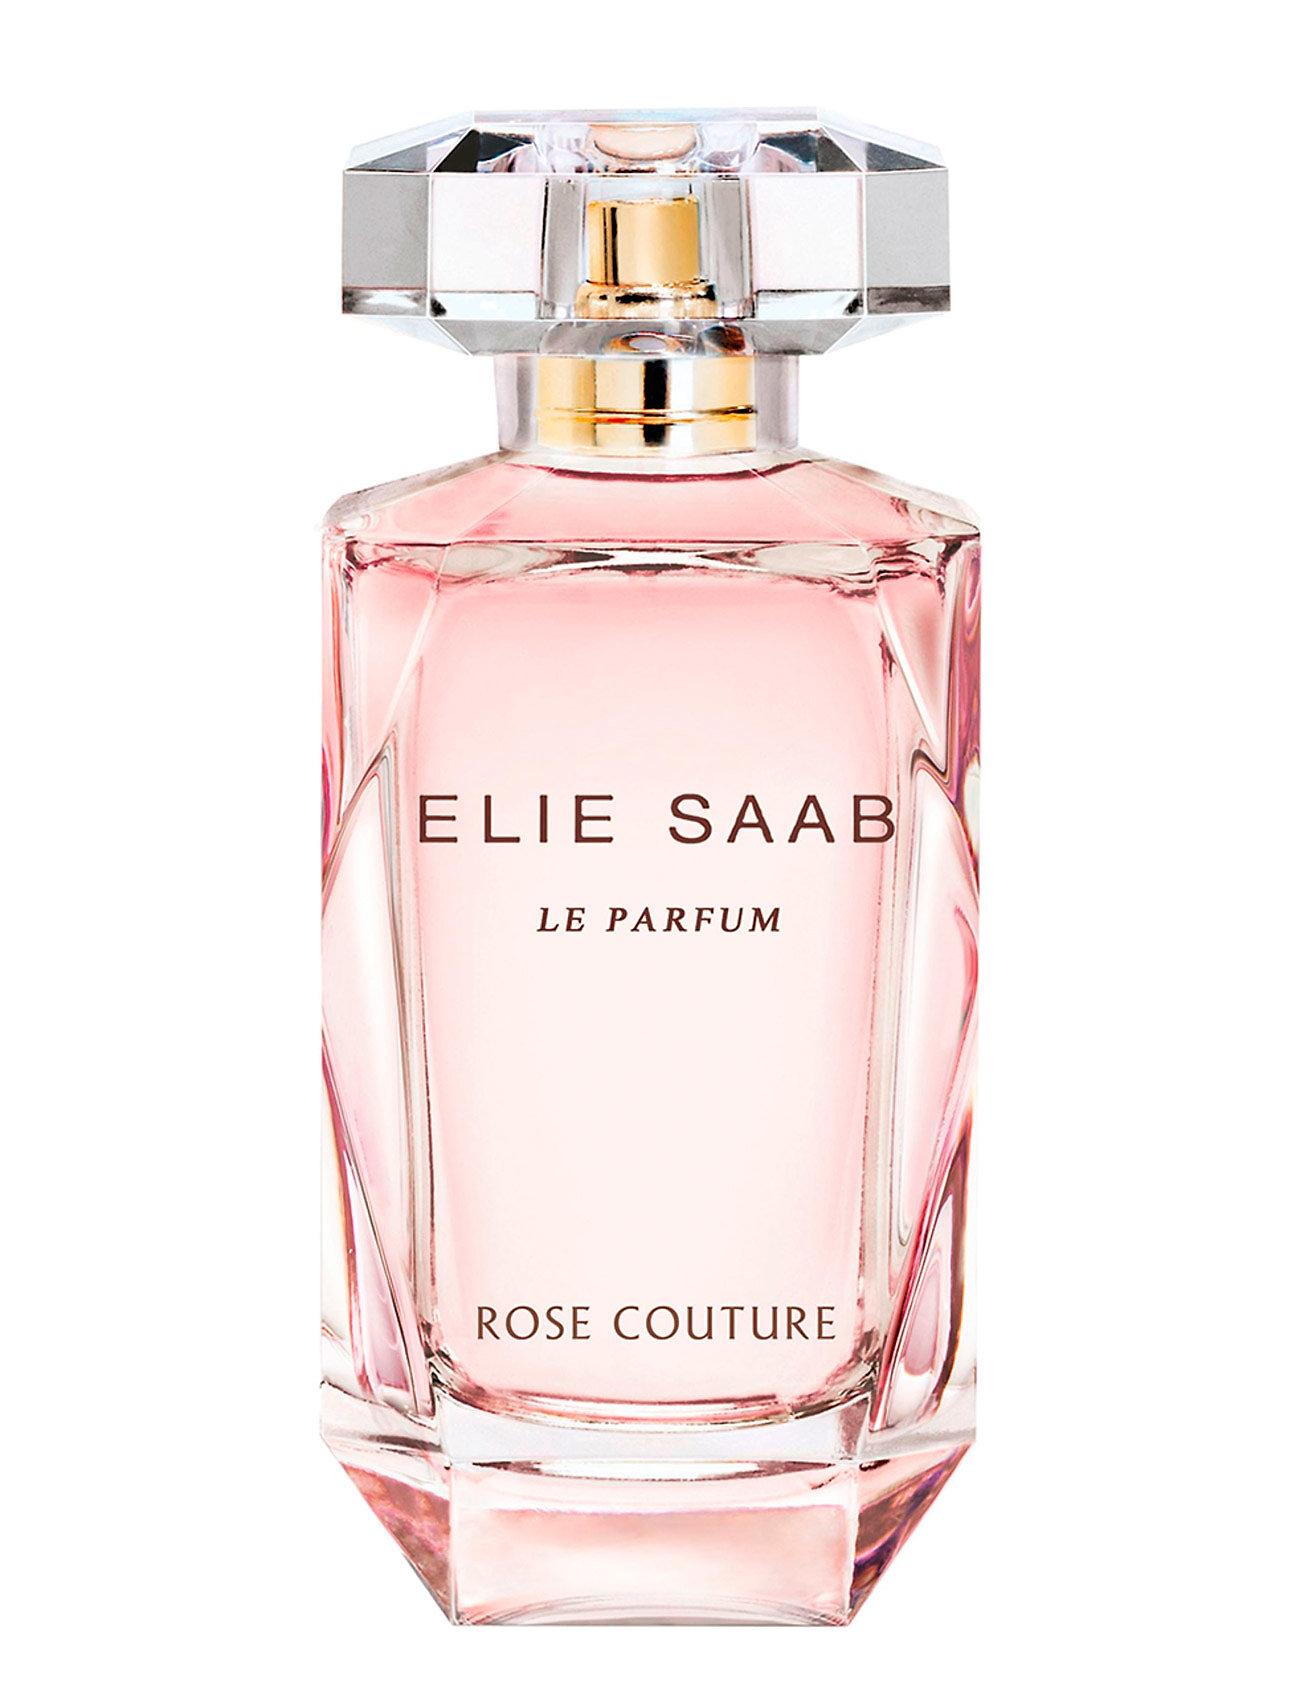 Rose Couture Eau De Toile Elie Saab  til Damer i